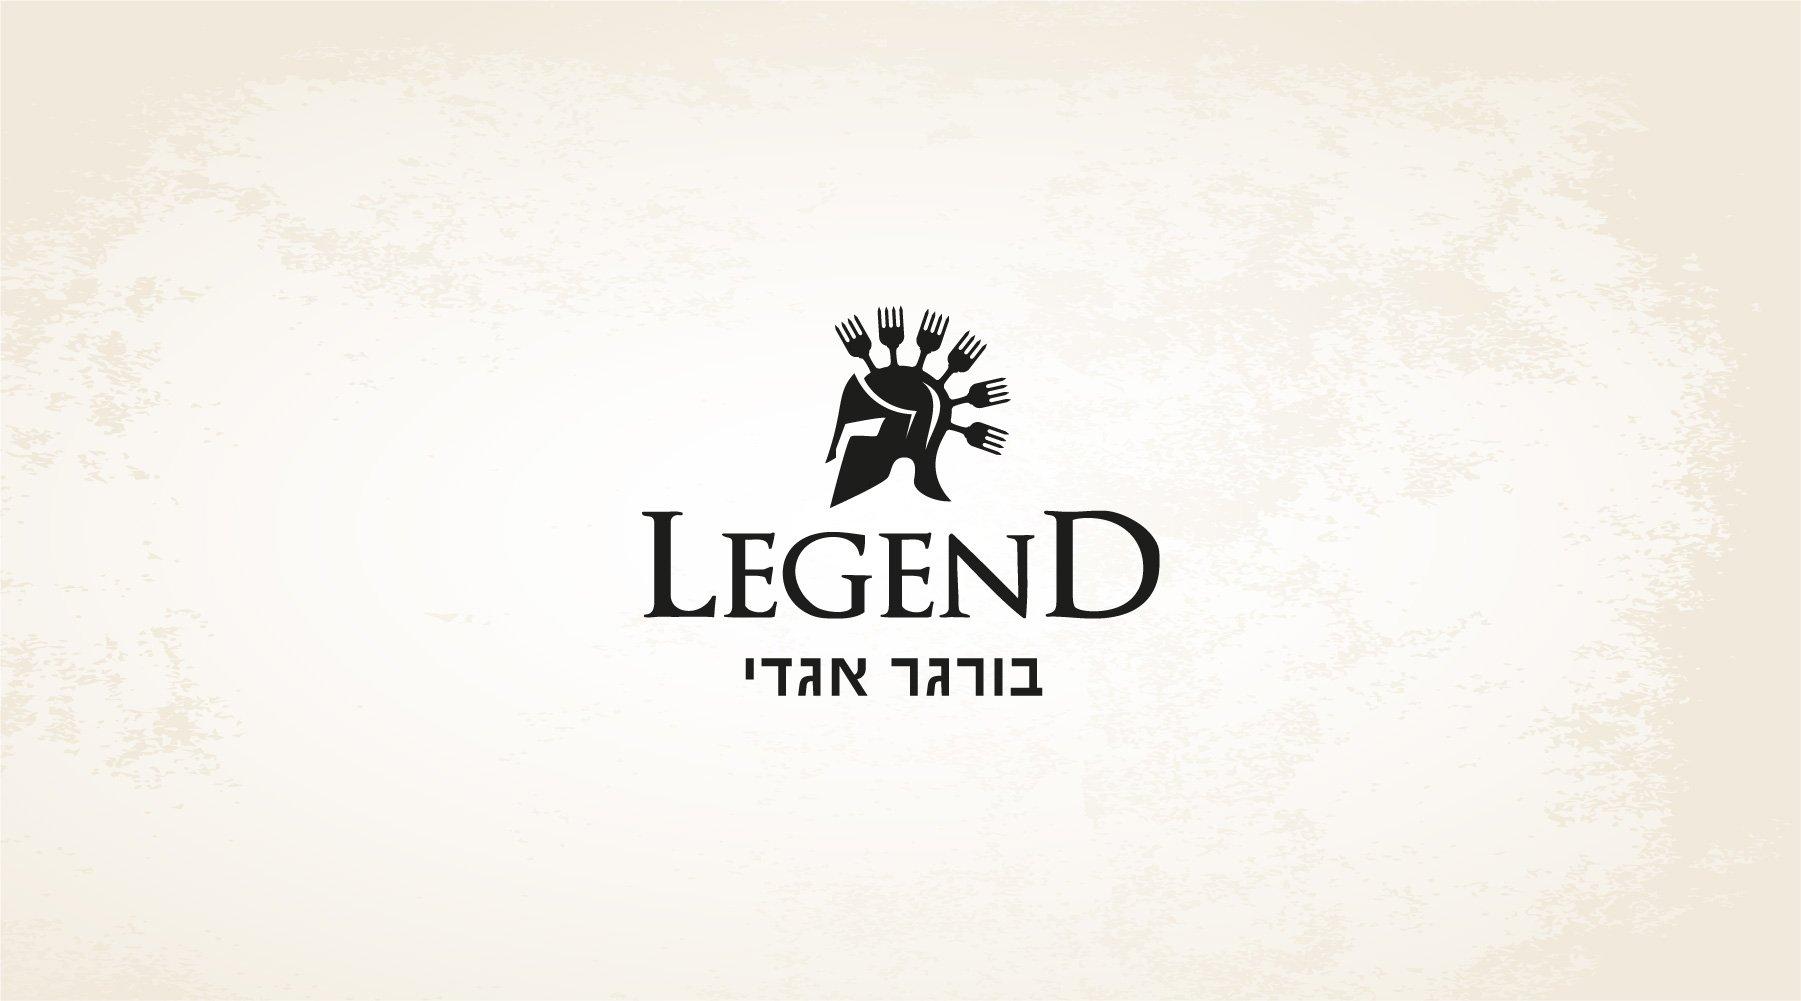 עיצוב לוגו למסעדת בורגרים legend